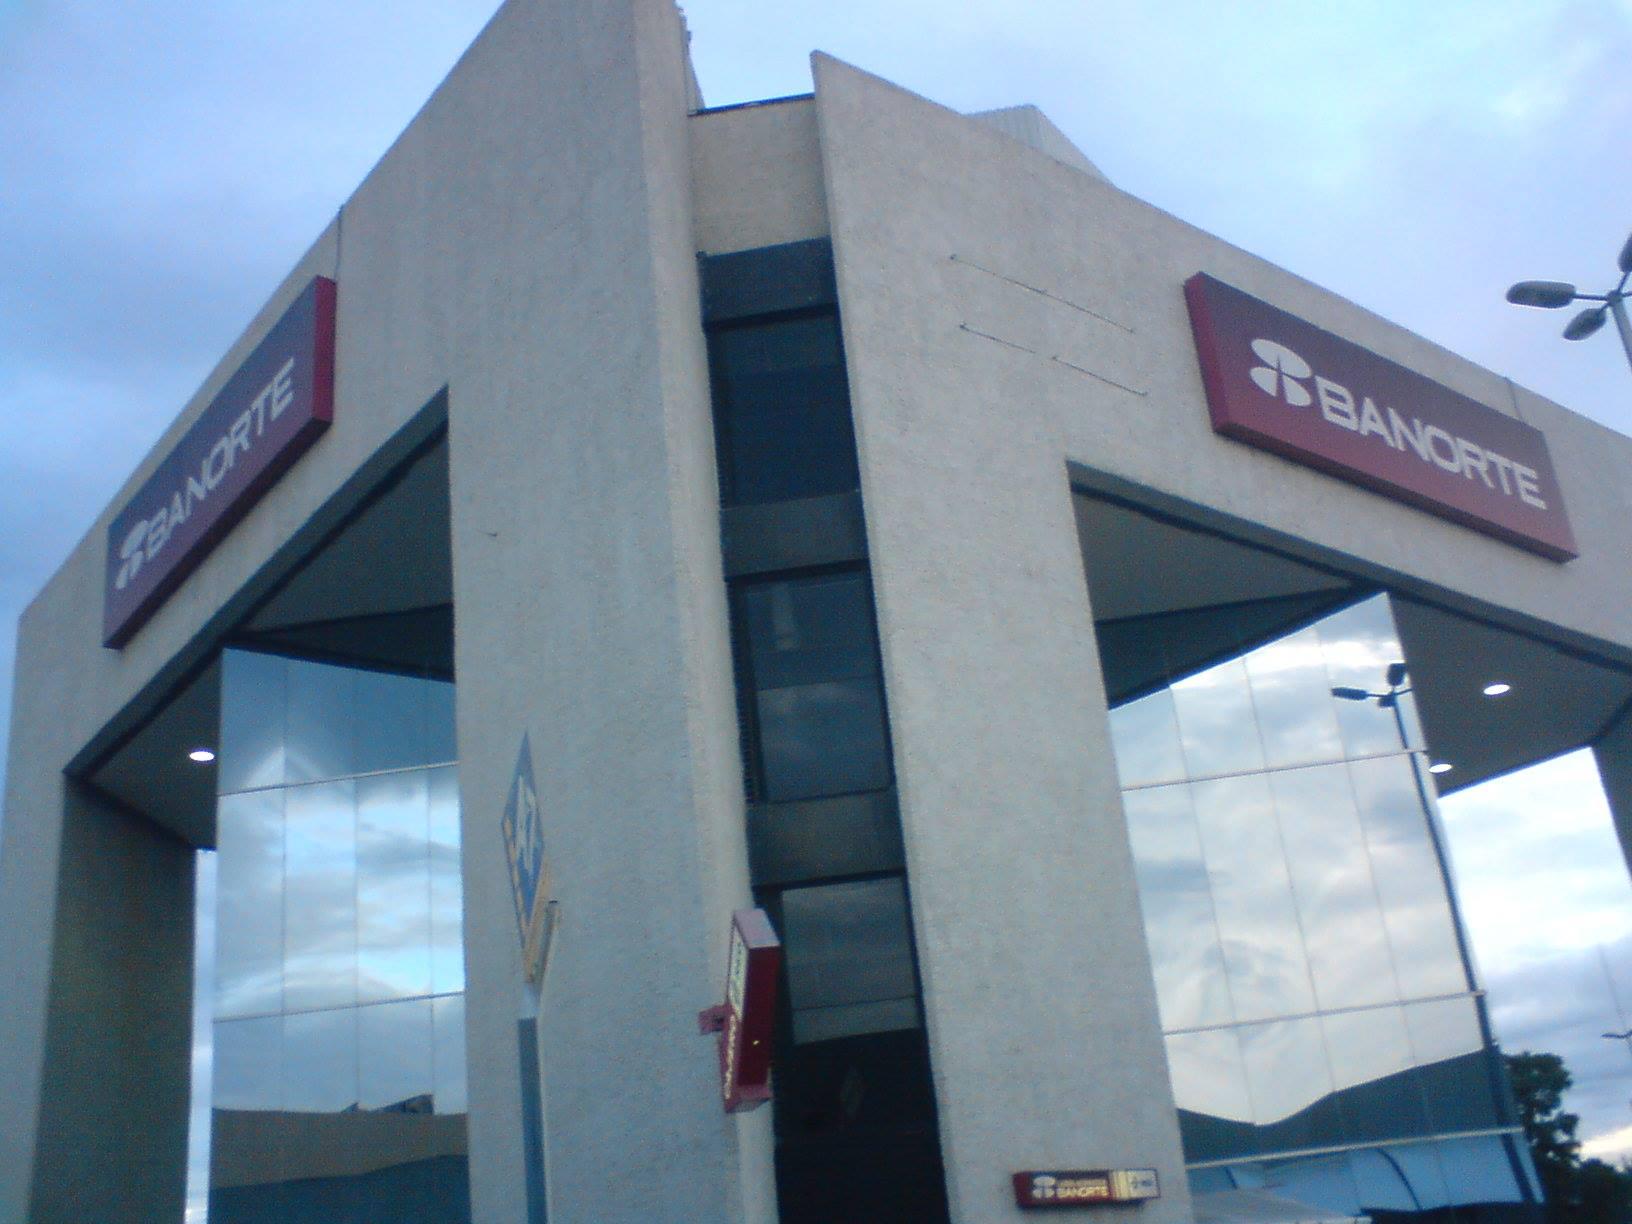 Otro asalto a un cuentahabiente bancario, ahora en el CC Villasunción